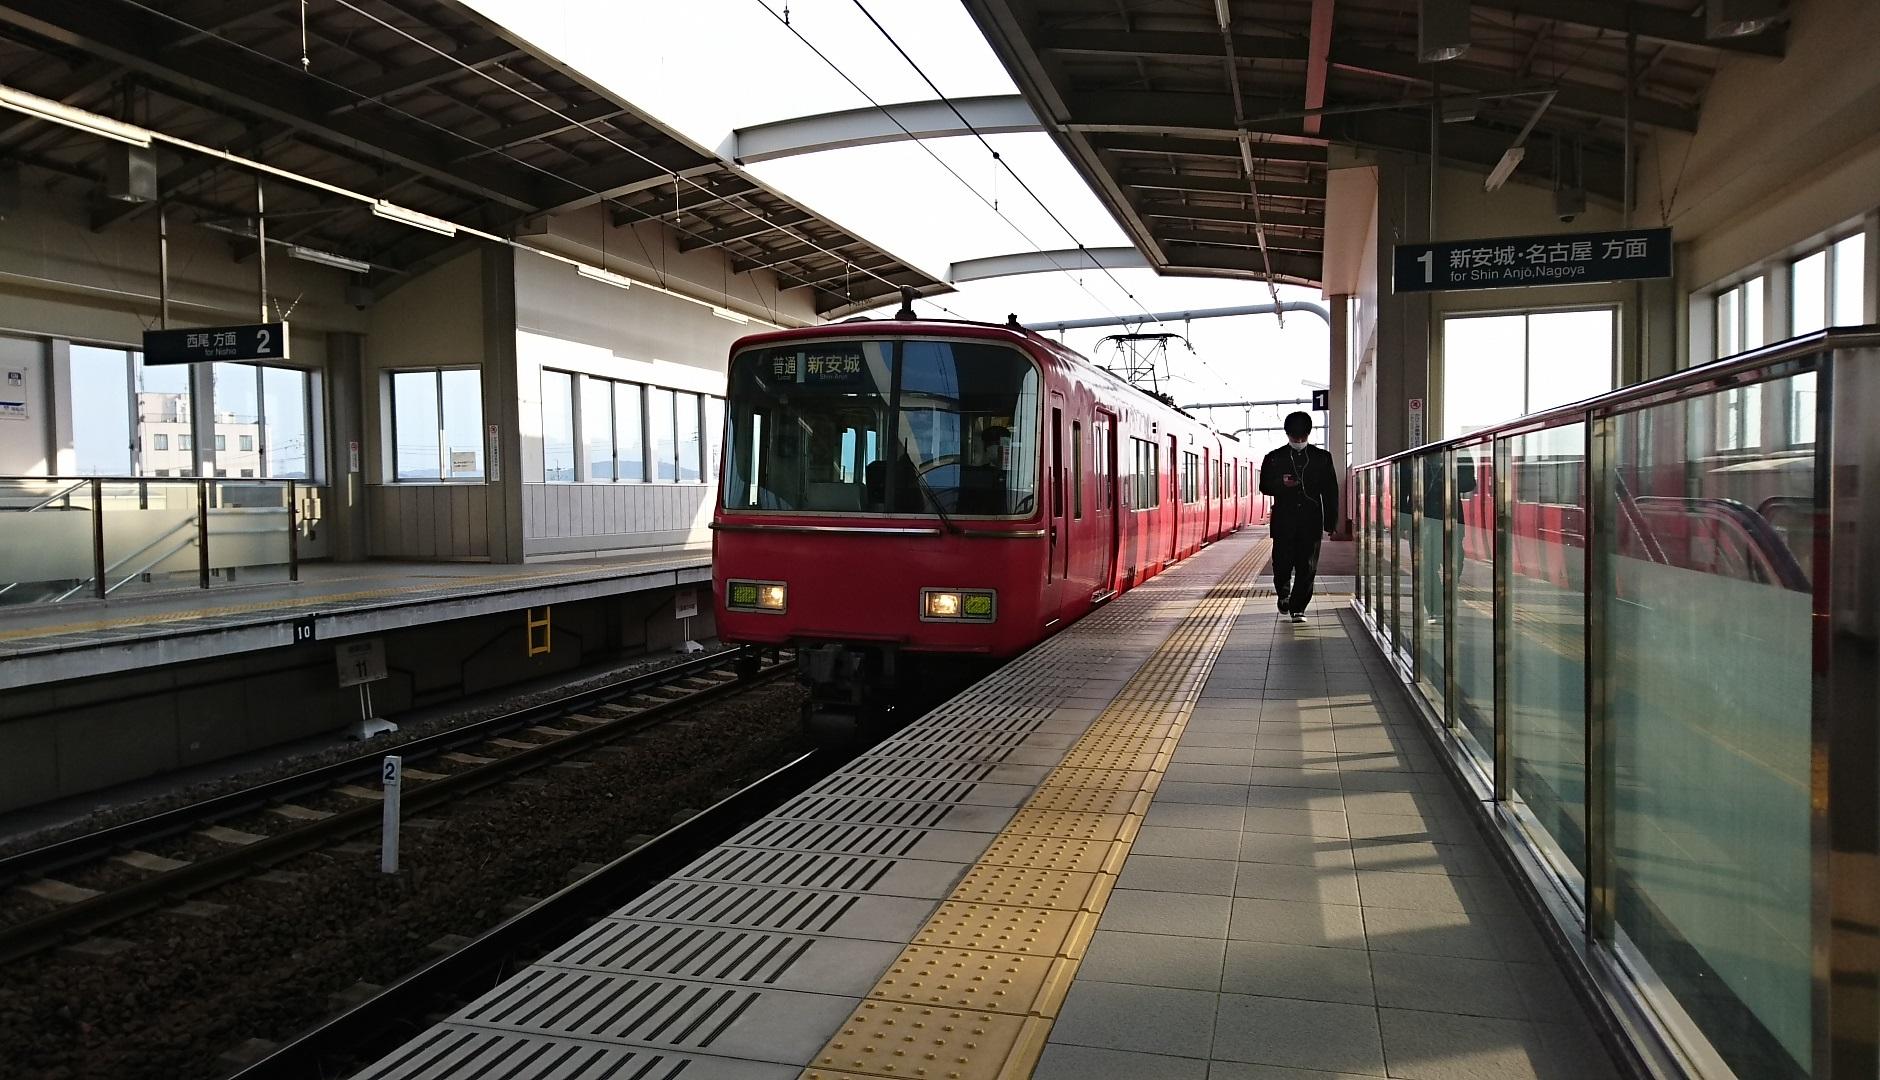 2018.3.15 名鉄 (6) 桜井 - しんあんじょういきふつう(6814編成2両) 1880-1080